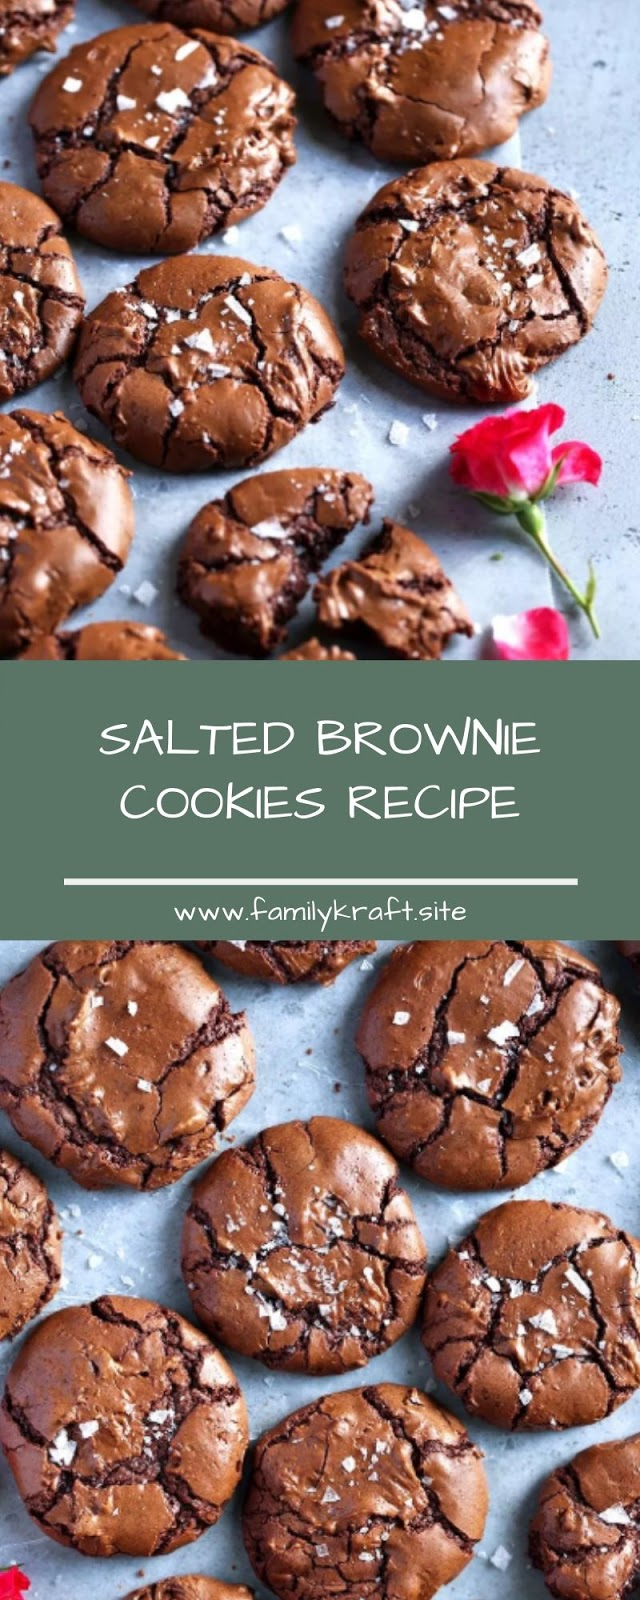 SALTED BROWNIE COOKIES RECIPE